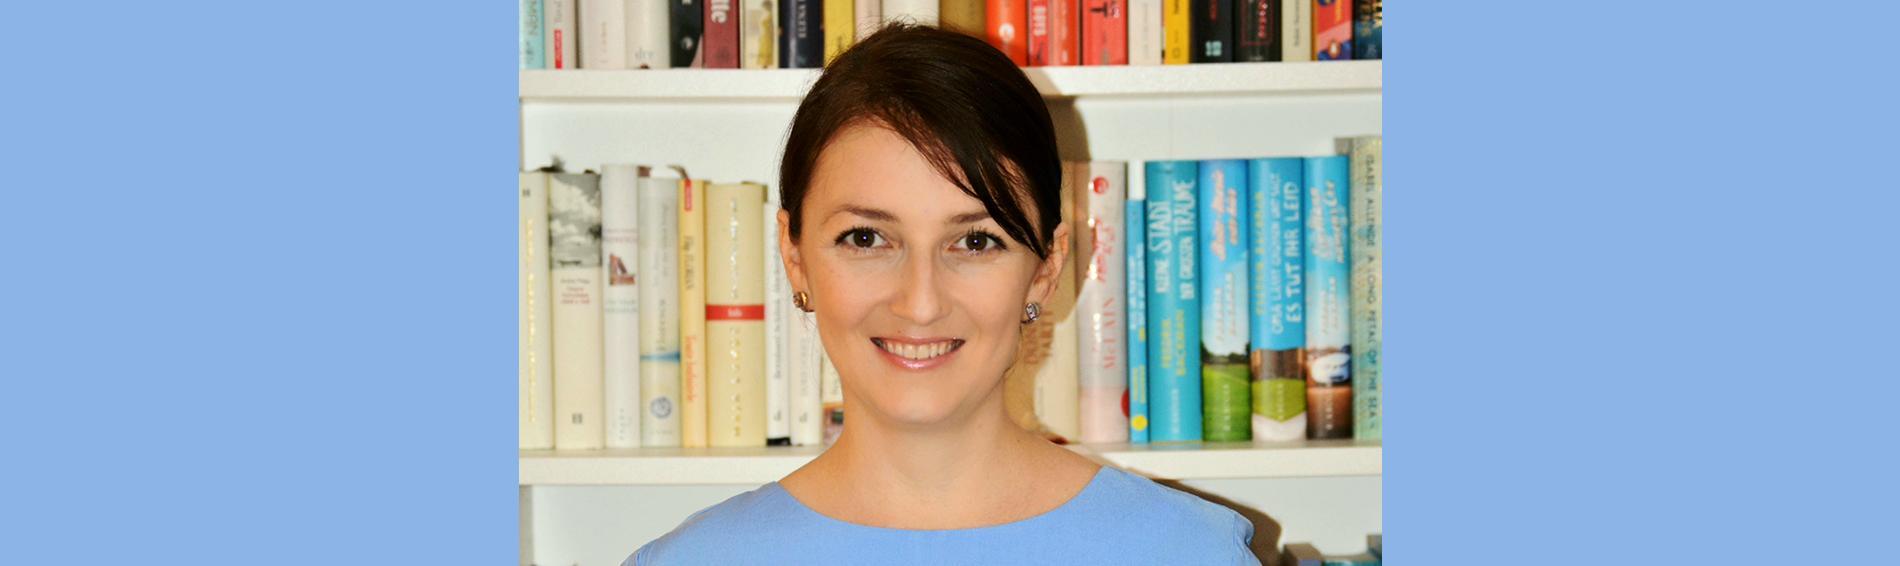 Monica Ilea ist Dolmetscherin bei open.med München. Foto: privat